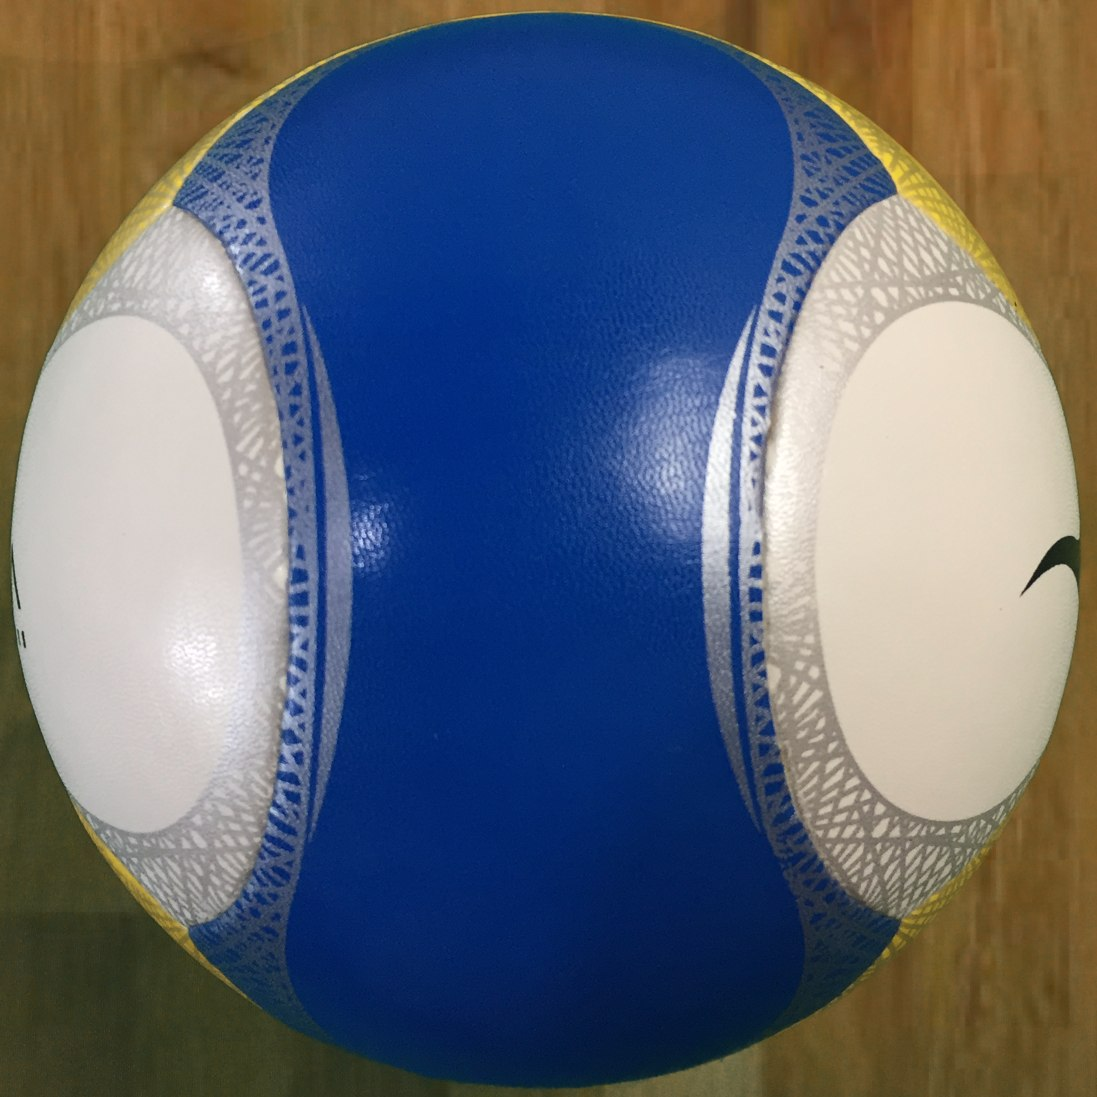 97018dee528d4 bola futsal vitoria oficial termotec pu 6 gomos mx 500. Carregando zoom.